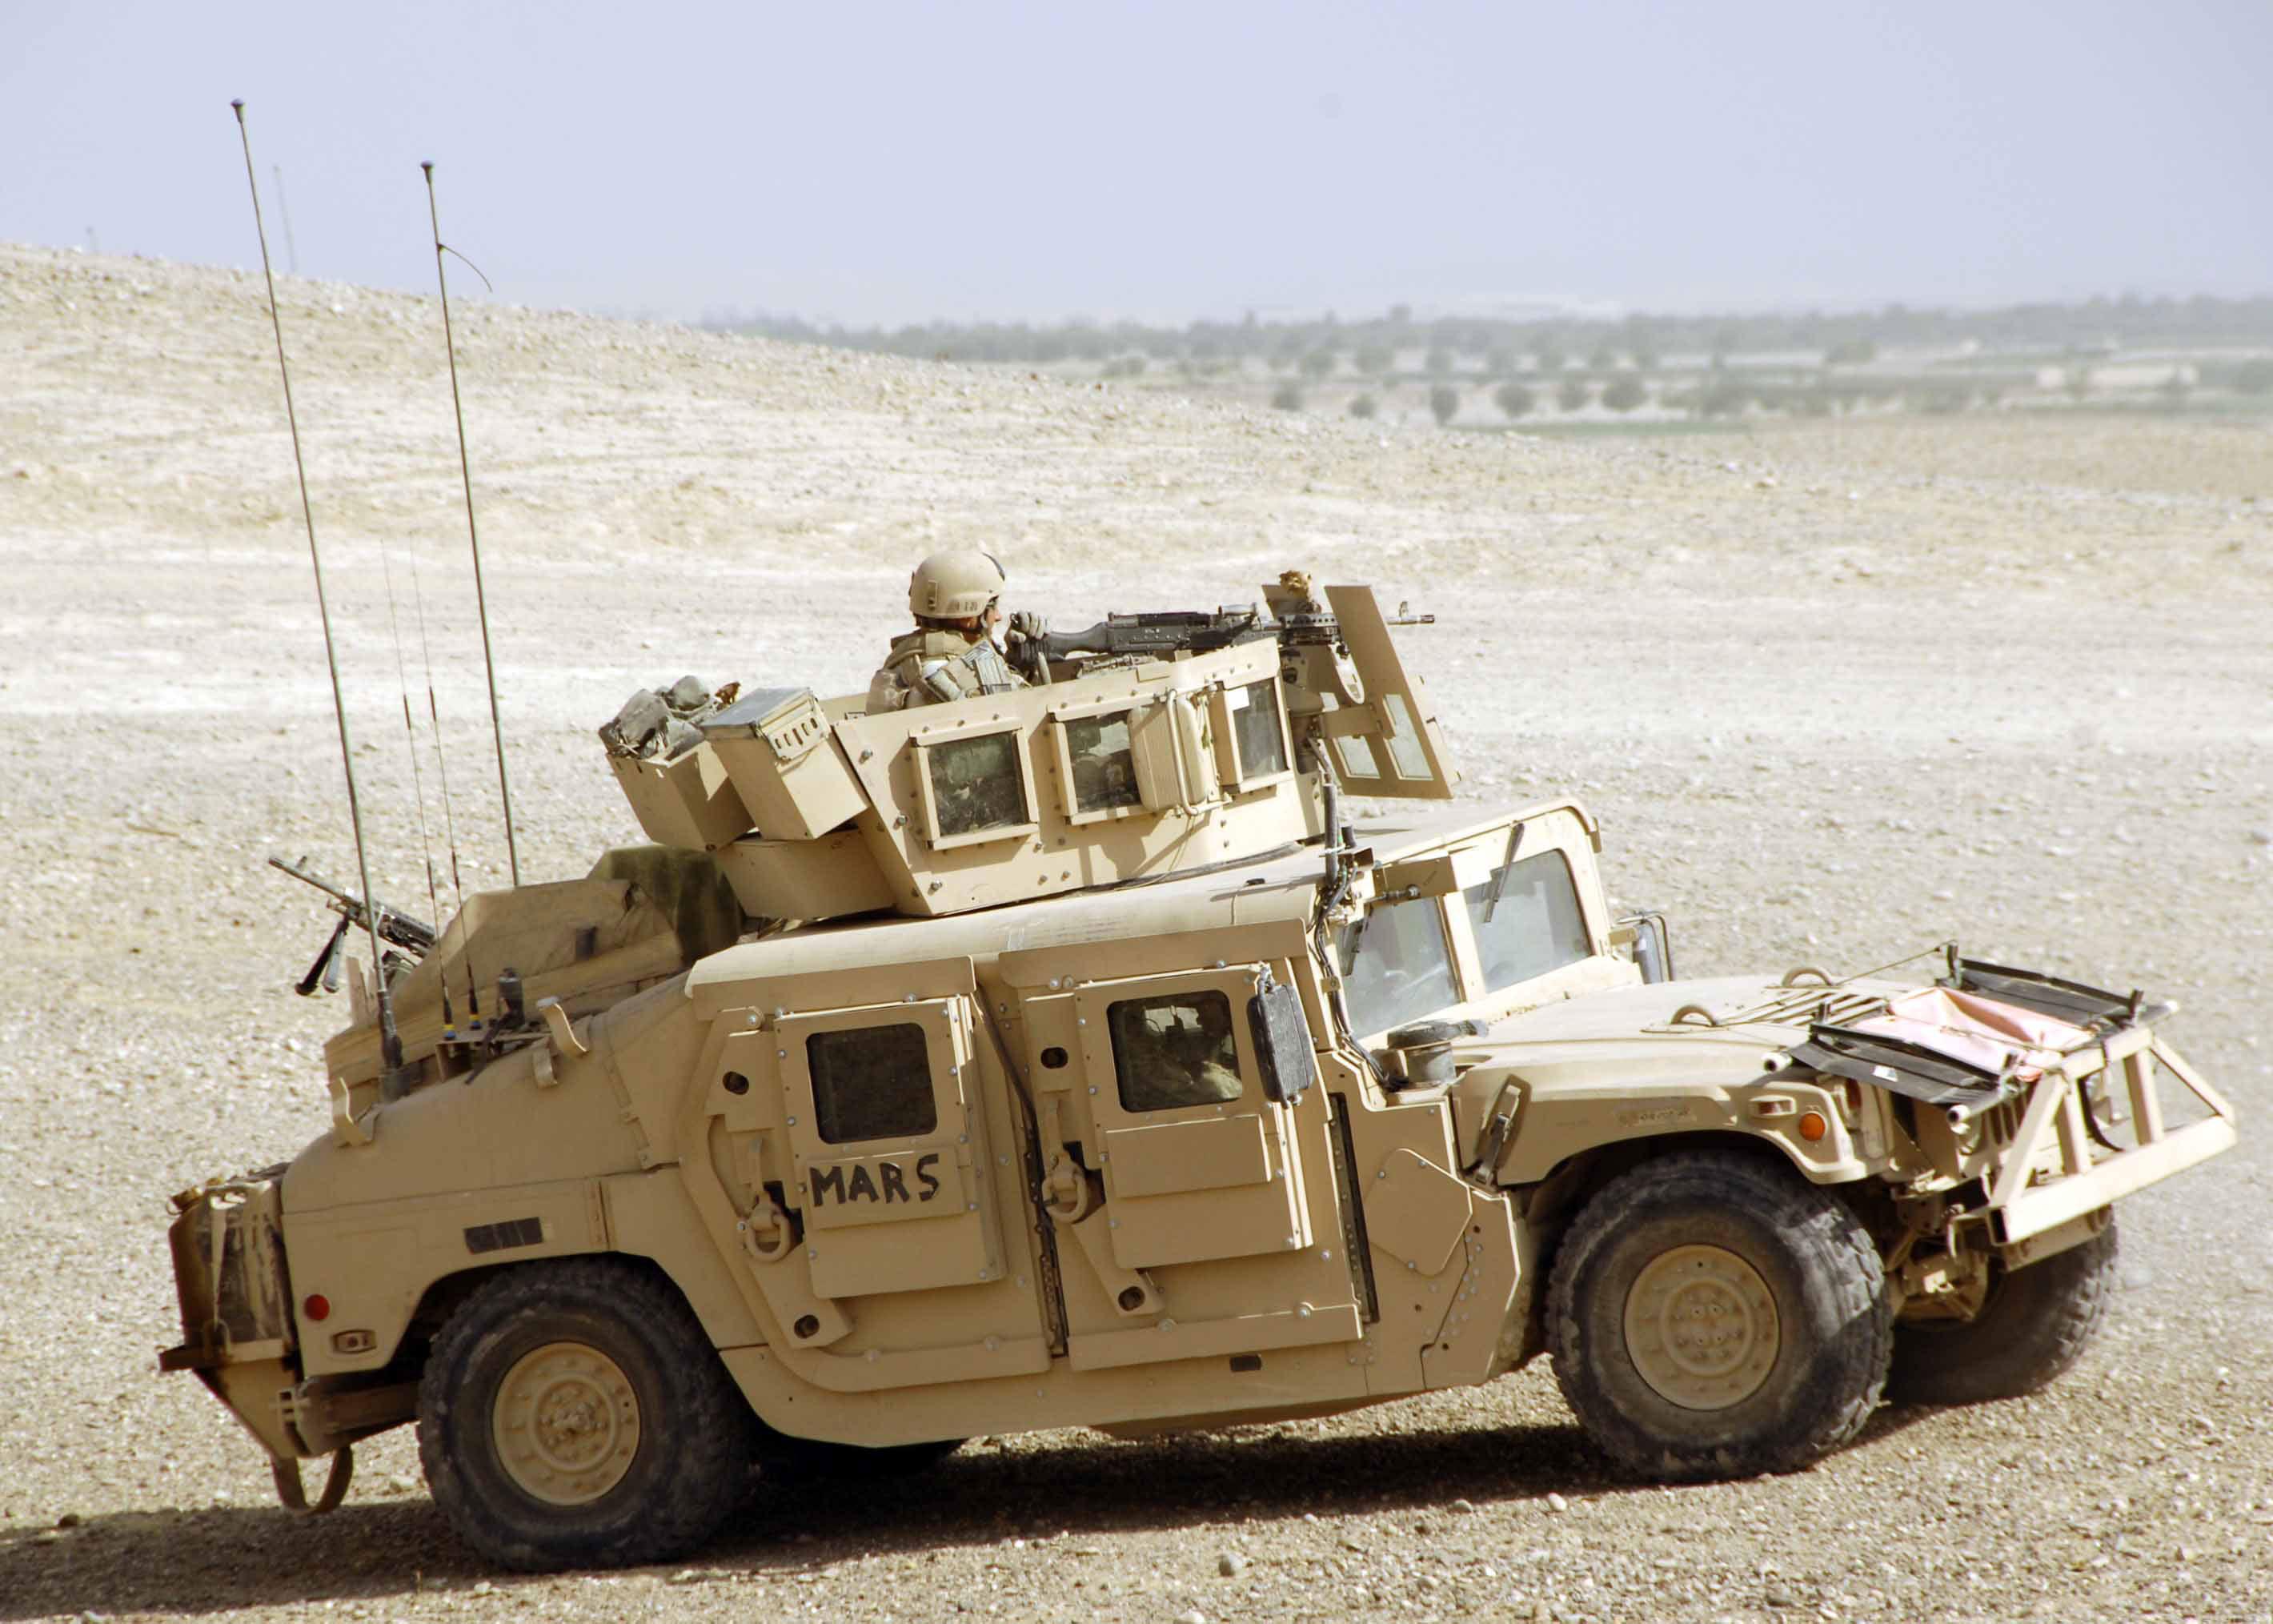 0000845: Up Armored HMMWV's - RHS Feedback